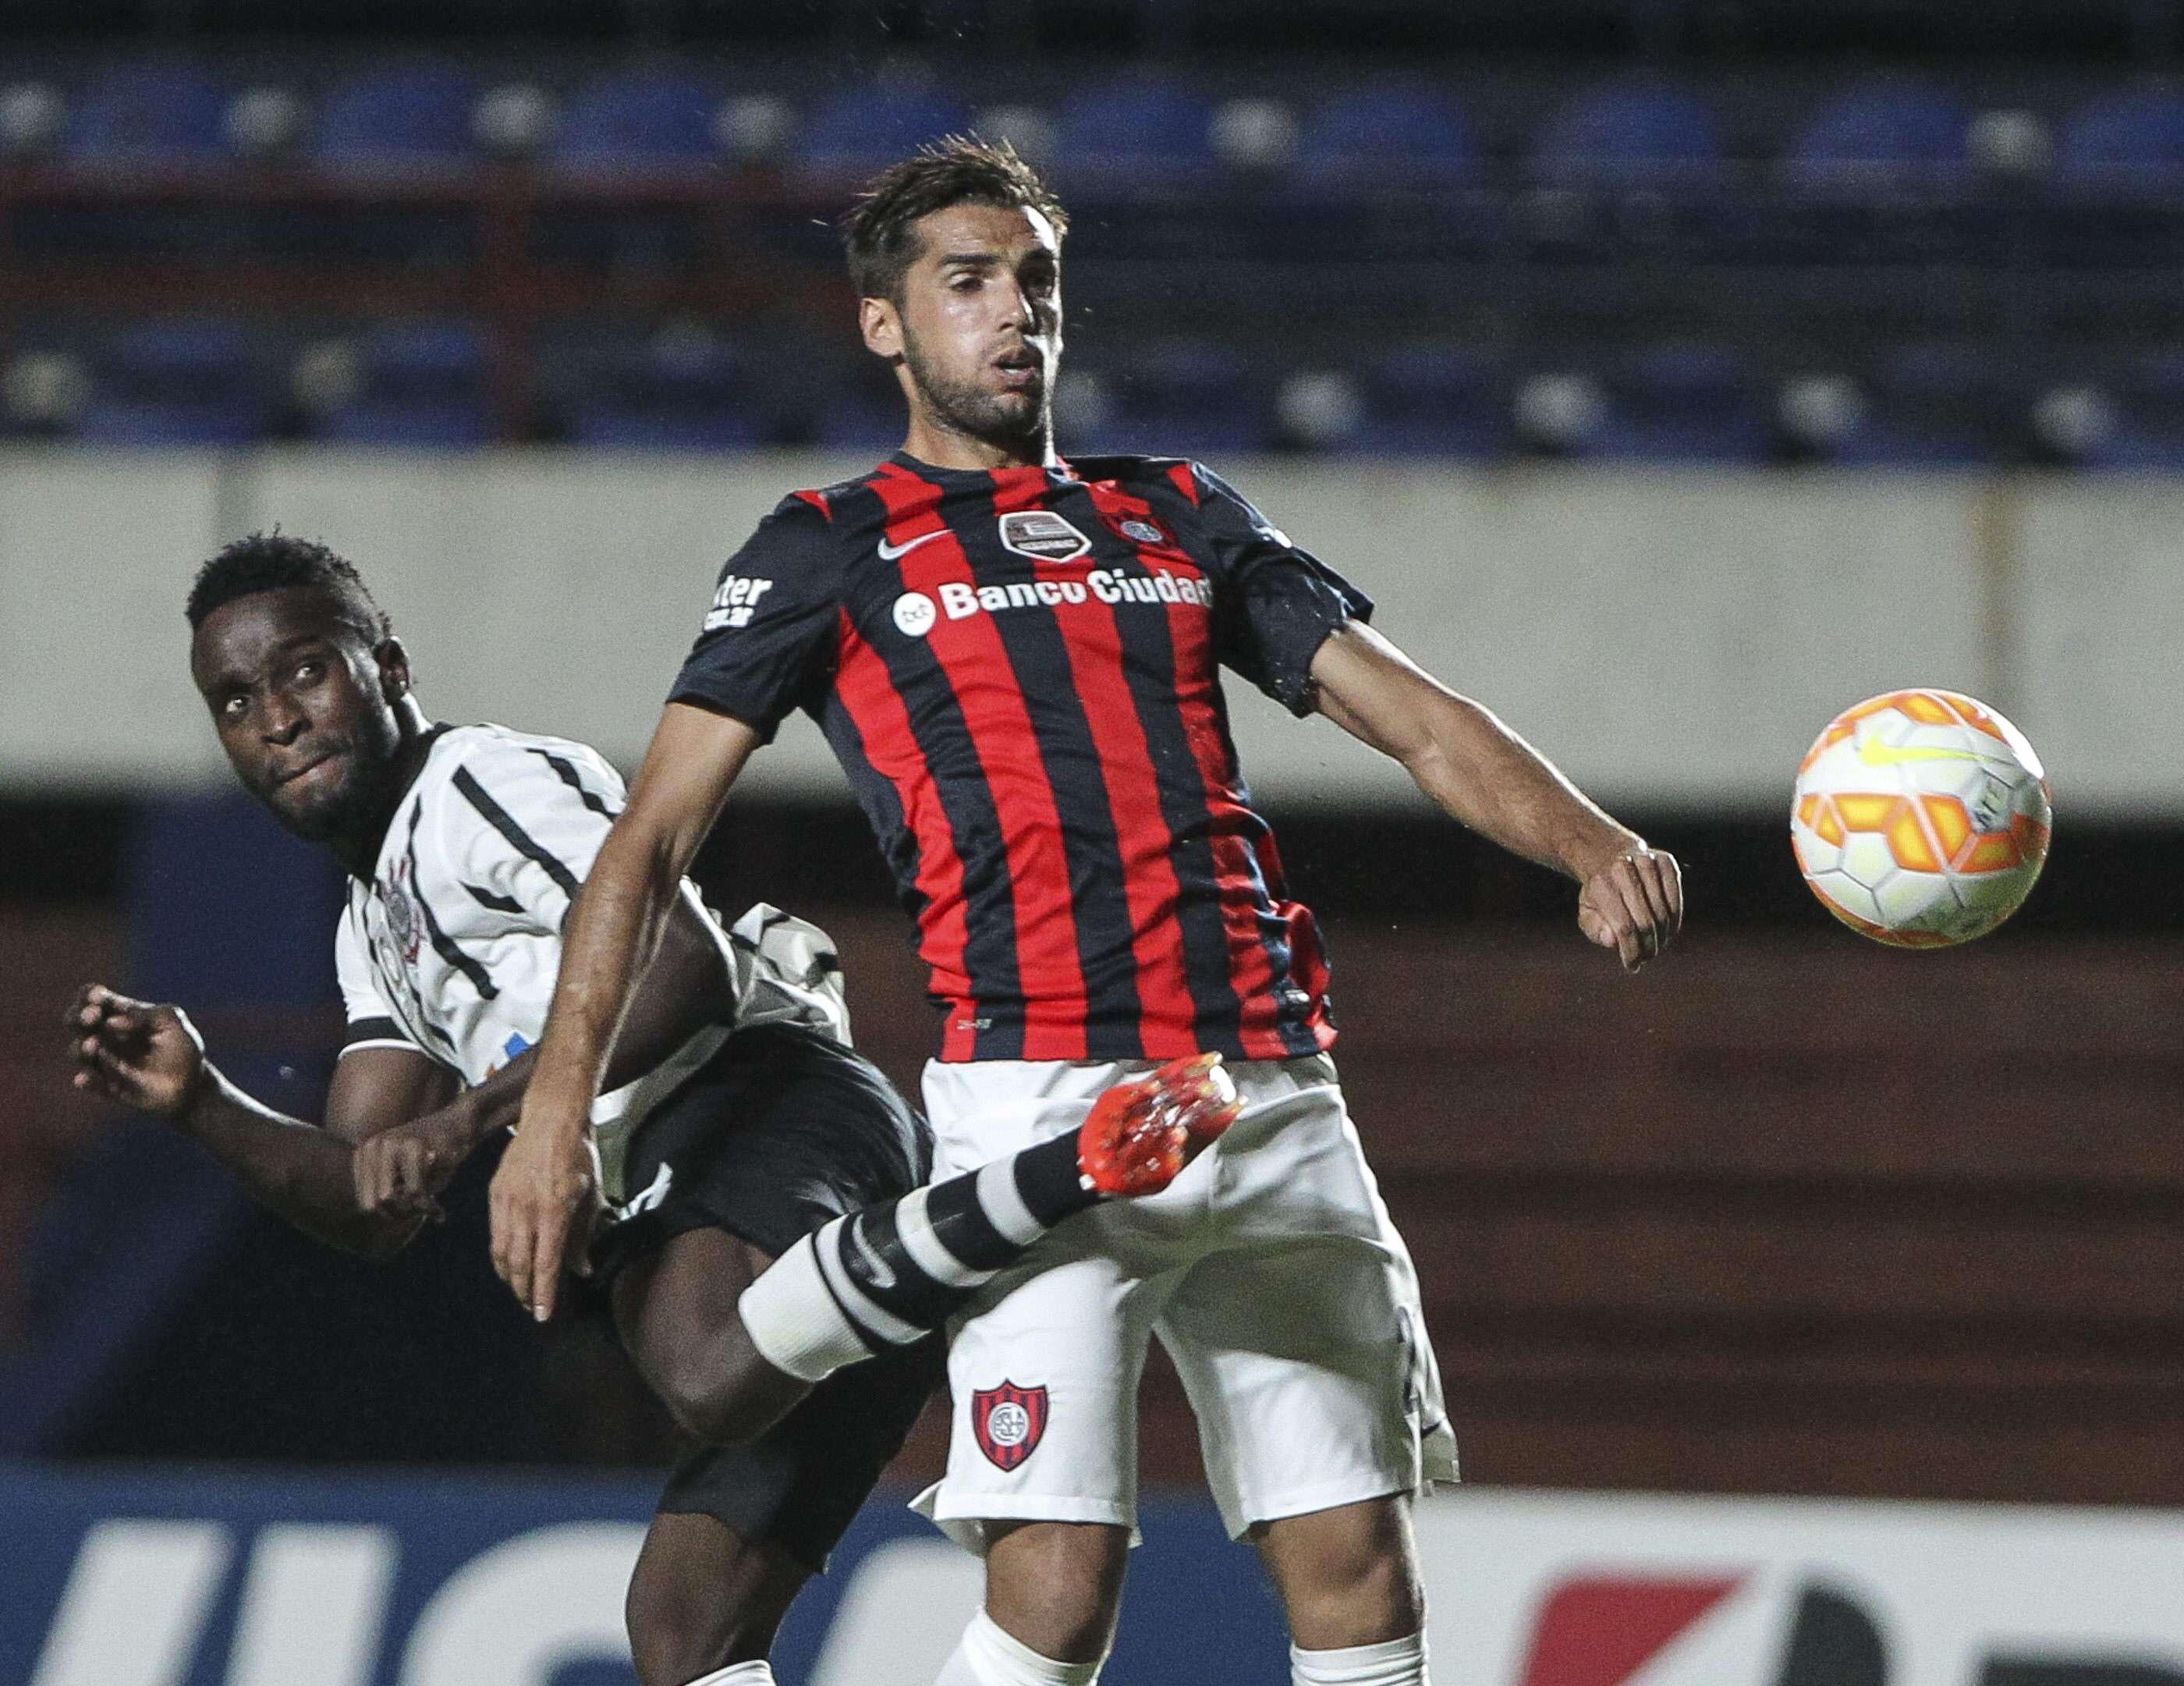 San Lorenzo intentó siempre, pero no estuvo preciso a la hora de definir. Corinthians aprovechó su chance y se fue victorioso del Nuevo Gasómetro. Foto: EFE